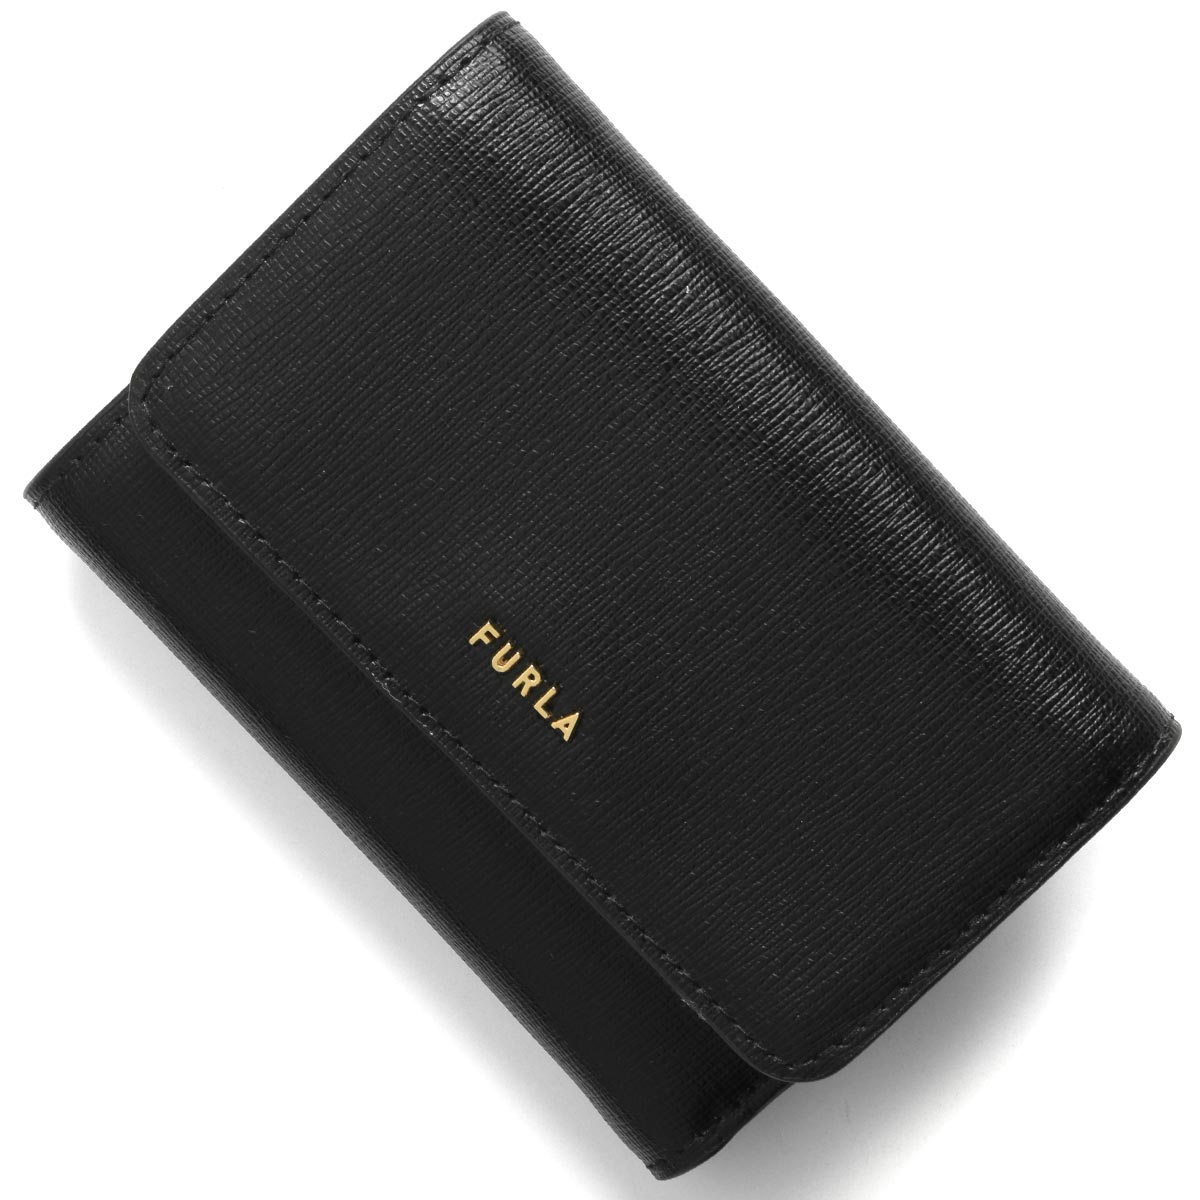 フルラ 三つ折り財布 財布 レディース バビロン スモール ブラック PCZ0 B30 O60 1056950 2020年春夏新作 FURLA